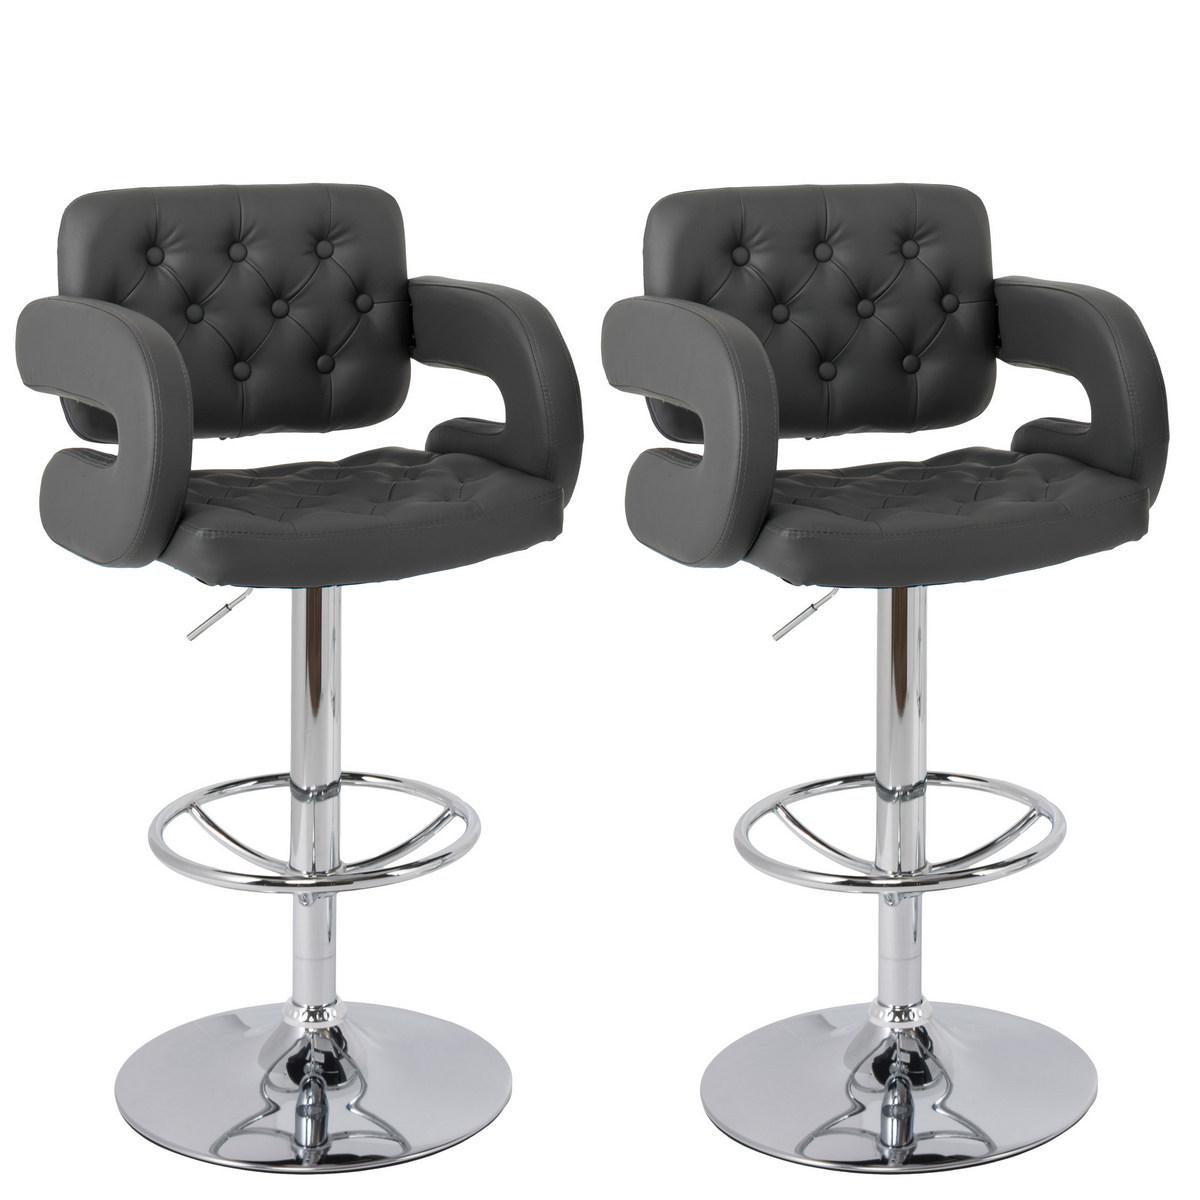 CorLiving DAB-999-B Adjustable Tufted Dark Grey Bonded Leather Barstool w/ Armrests, set of 2